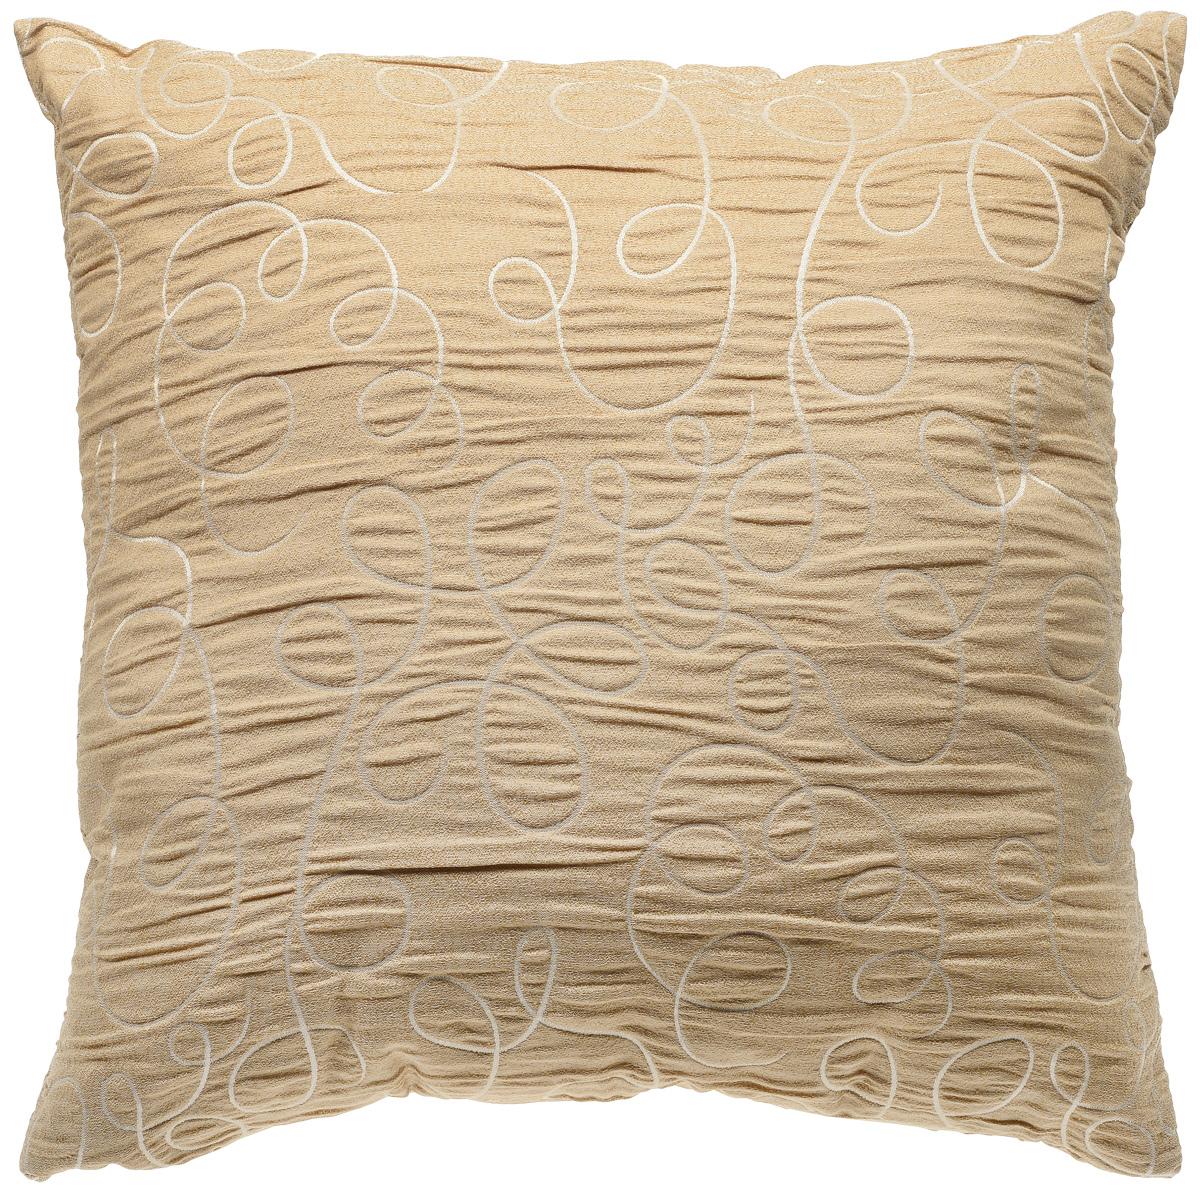 Подушка декоративная KauffOrt Минор, цвет: золотисто-бежевый, 40 x 40 смS03301004Декоративная подушка KauffOrt Минор прекрасно дополнит интерьер спальни или гостиной. Мягкий на ощупь чехол подушки выполнен из 100% полиэстера. Внутри находится мягкий наполнитель, выполненный из холлофайбера. Чехол легко снимается благодаря молнии.Красивая подушка создаст атмосферу уюта и комфорта в спальне и станет прекрасным элементом декора.